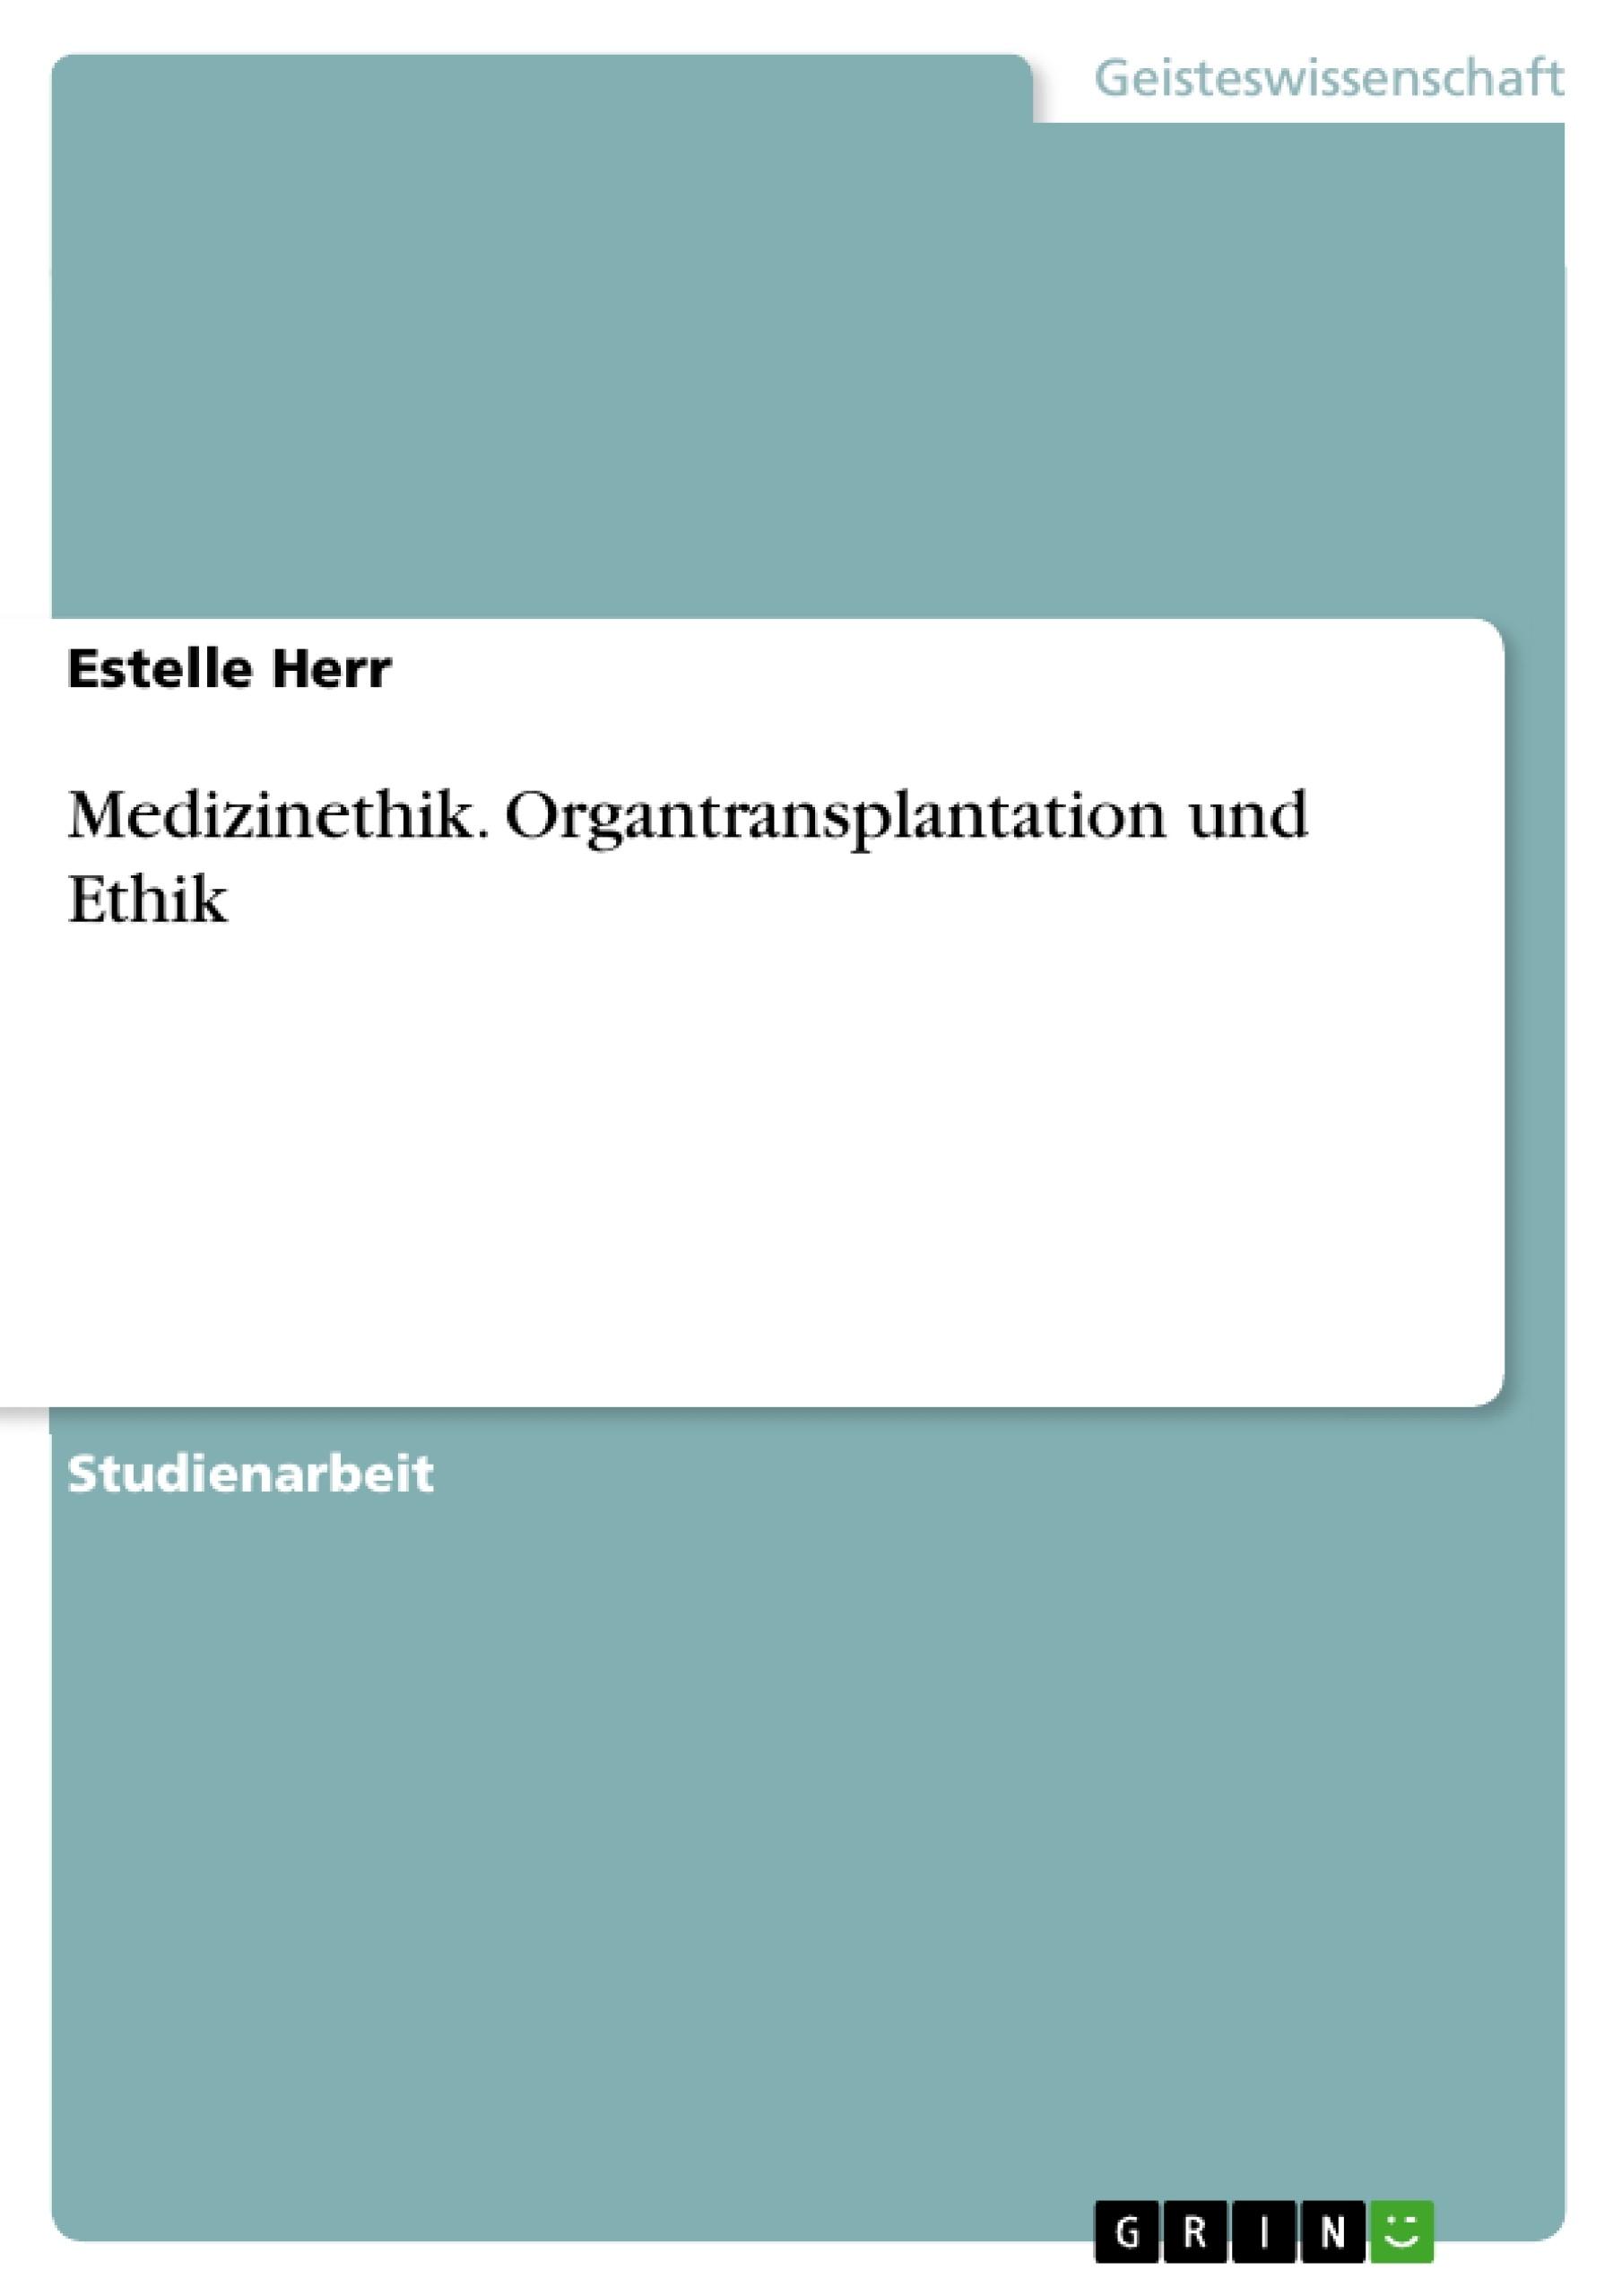 Titel: Medizinethik. Organtransplantation und Ethik